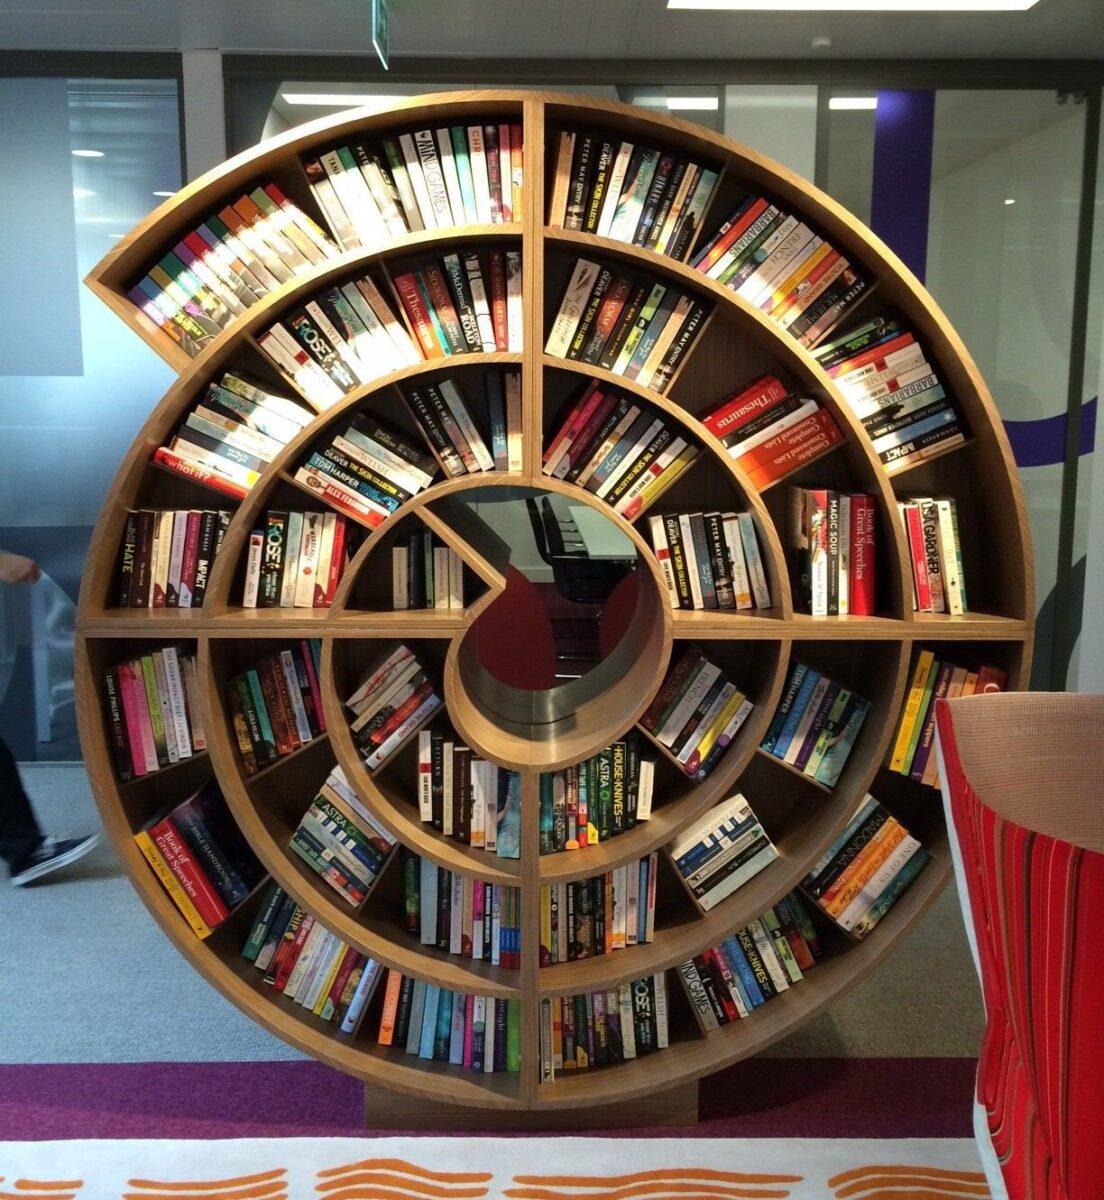 librerie-muro-moderne-chiocciola